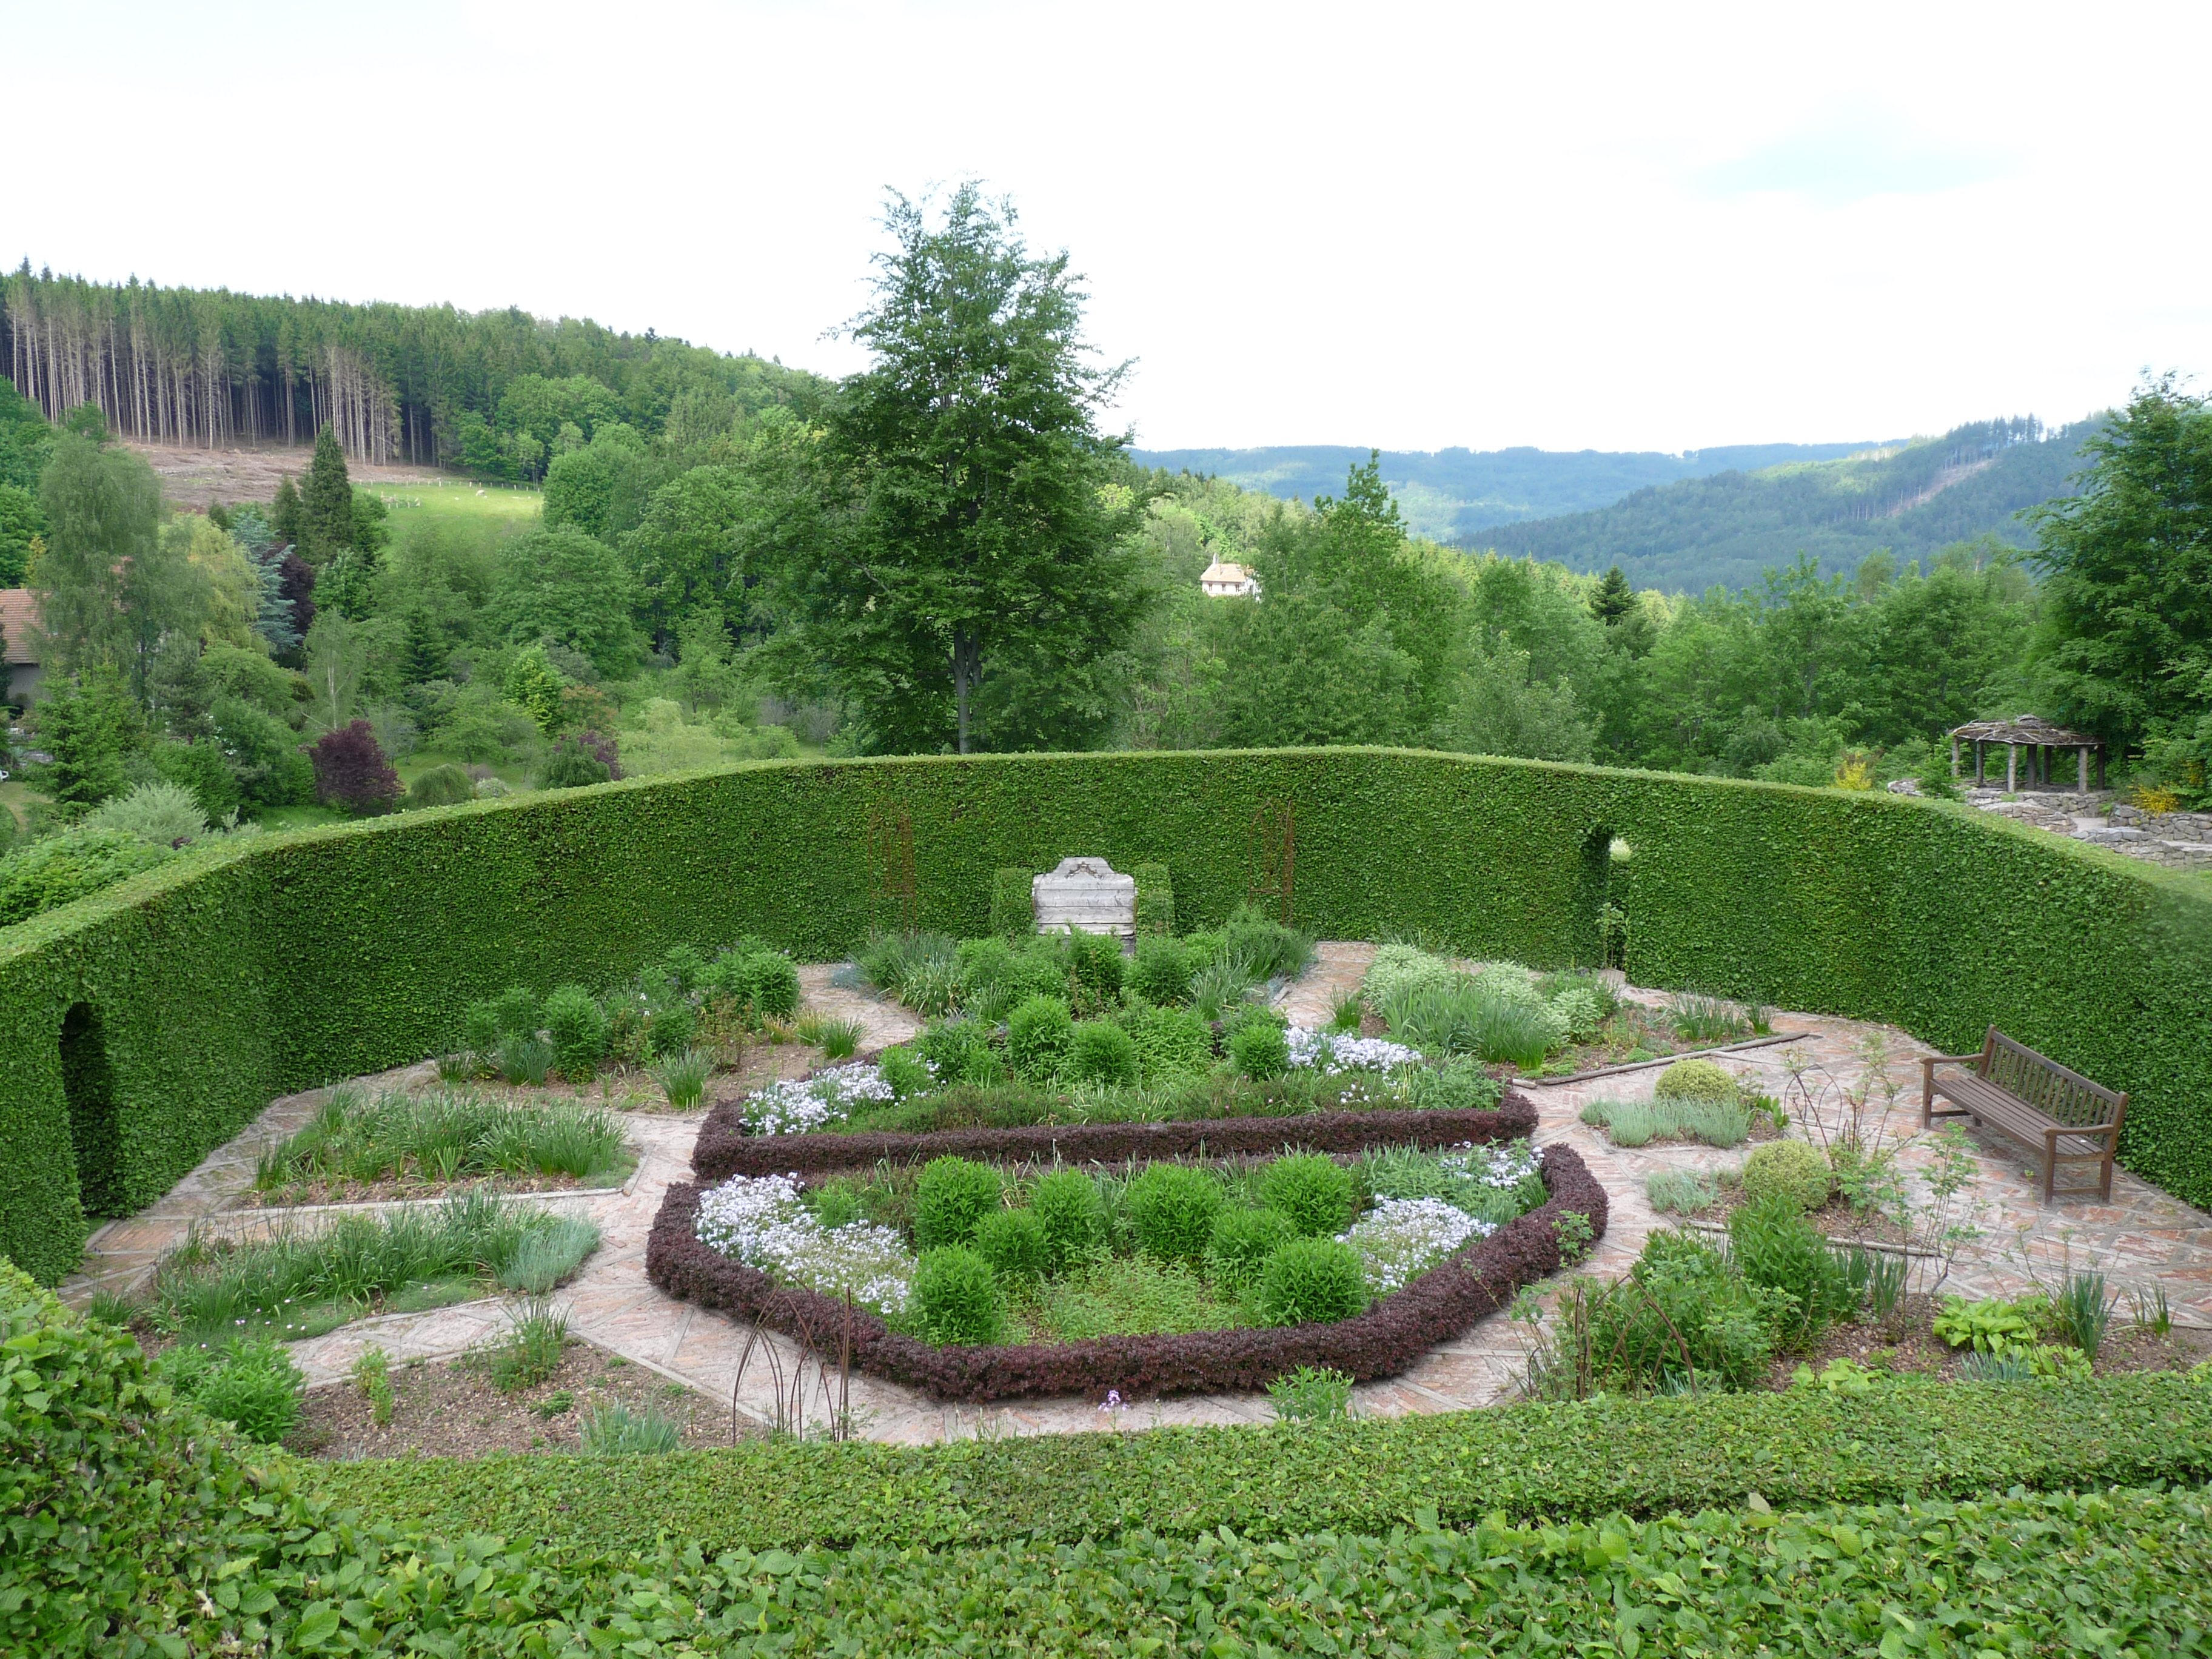 Jardin de berchigranges wikiwand for Bricoler dans le jardin